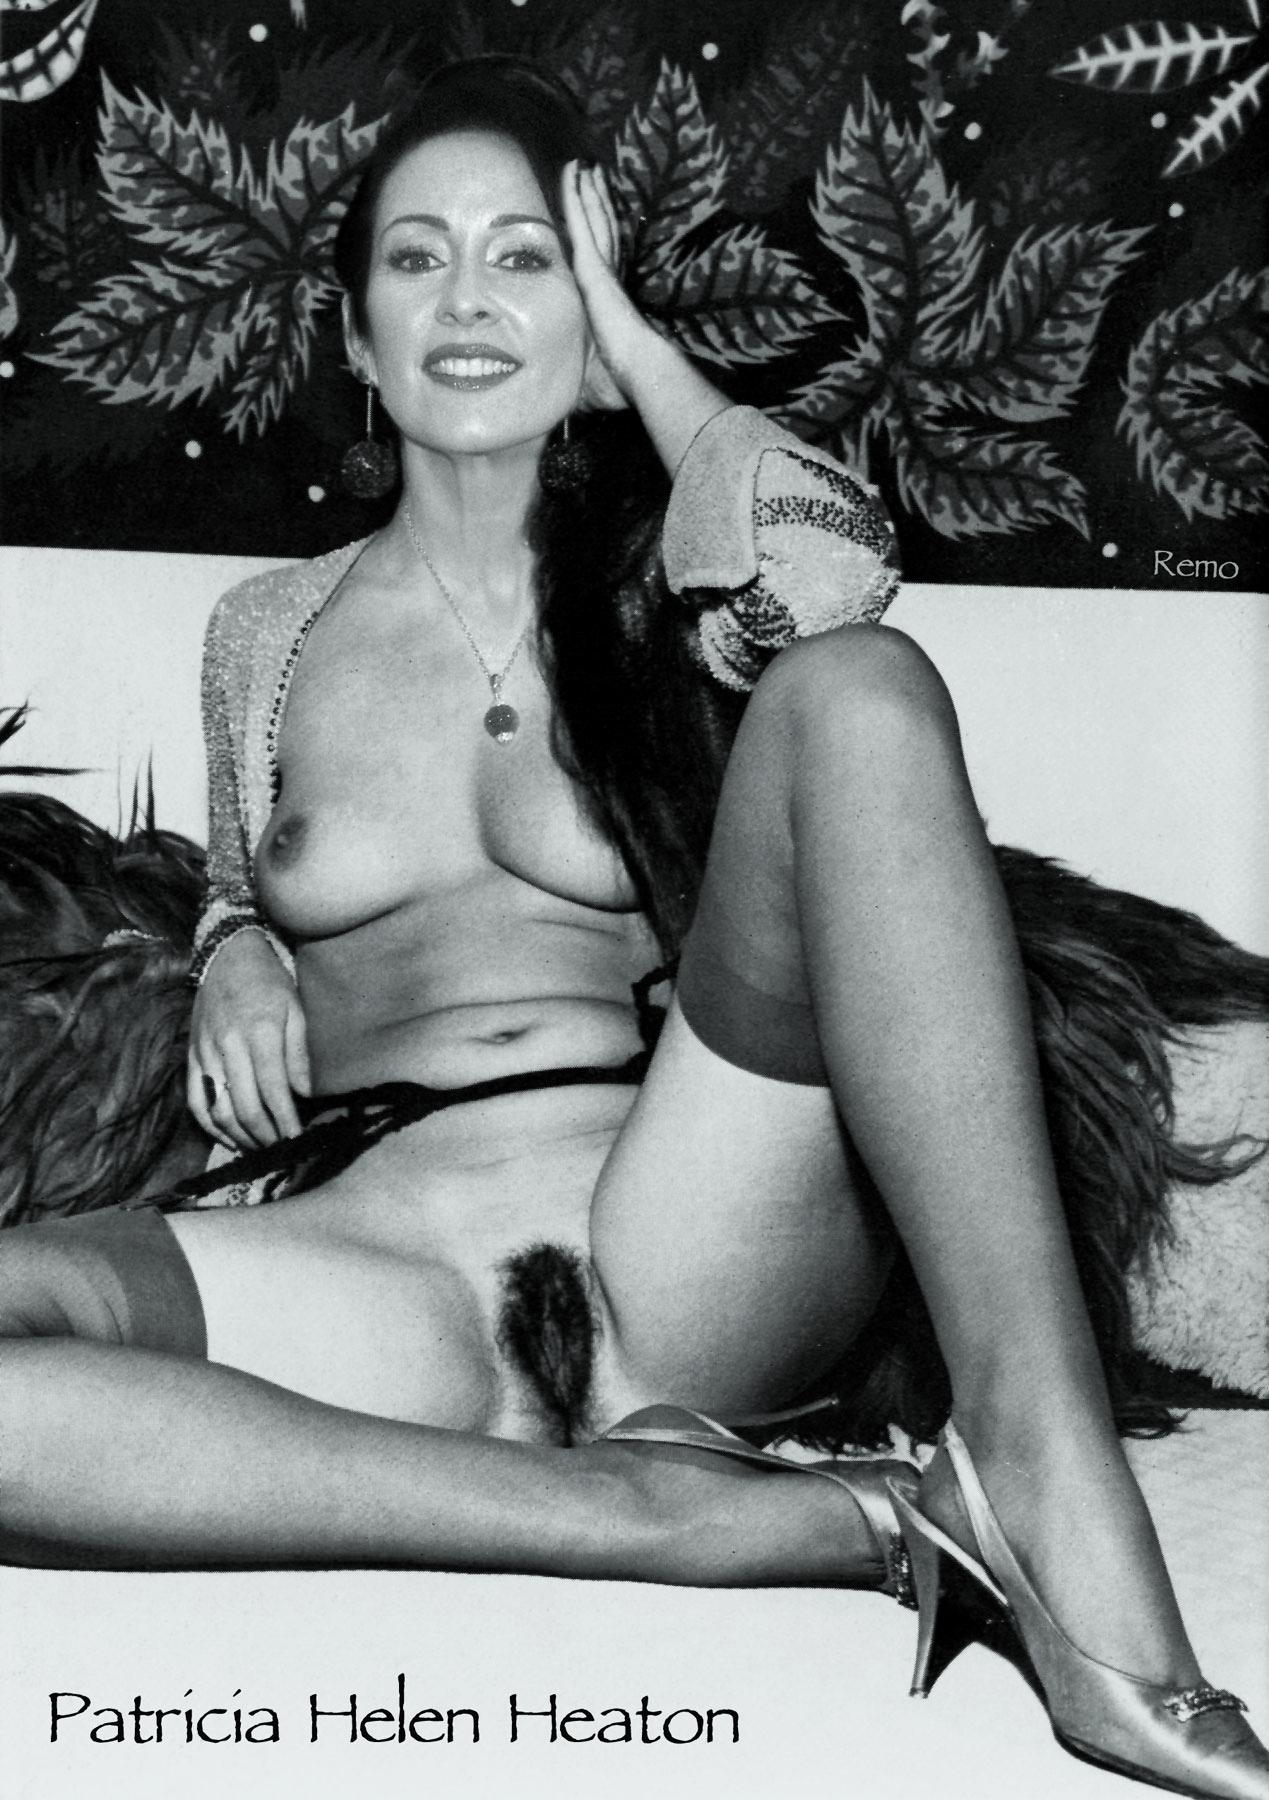 jepang porn hot sex nude